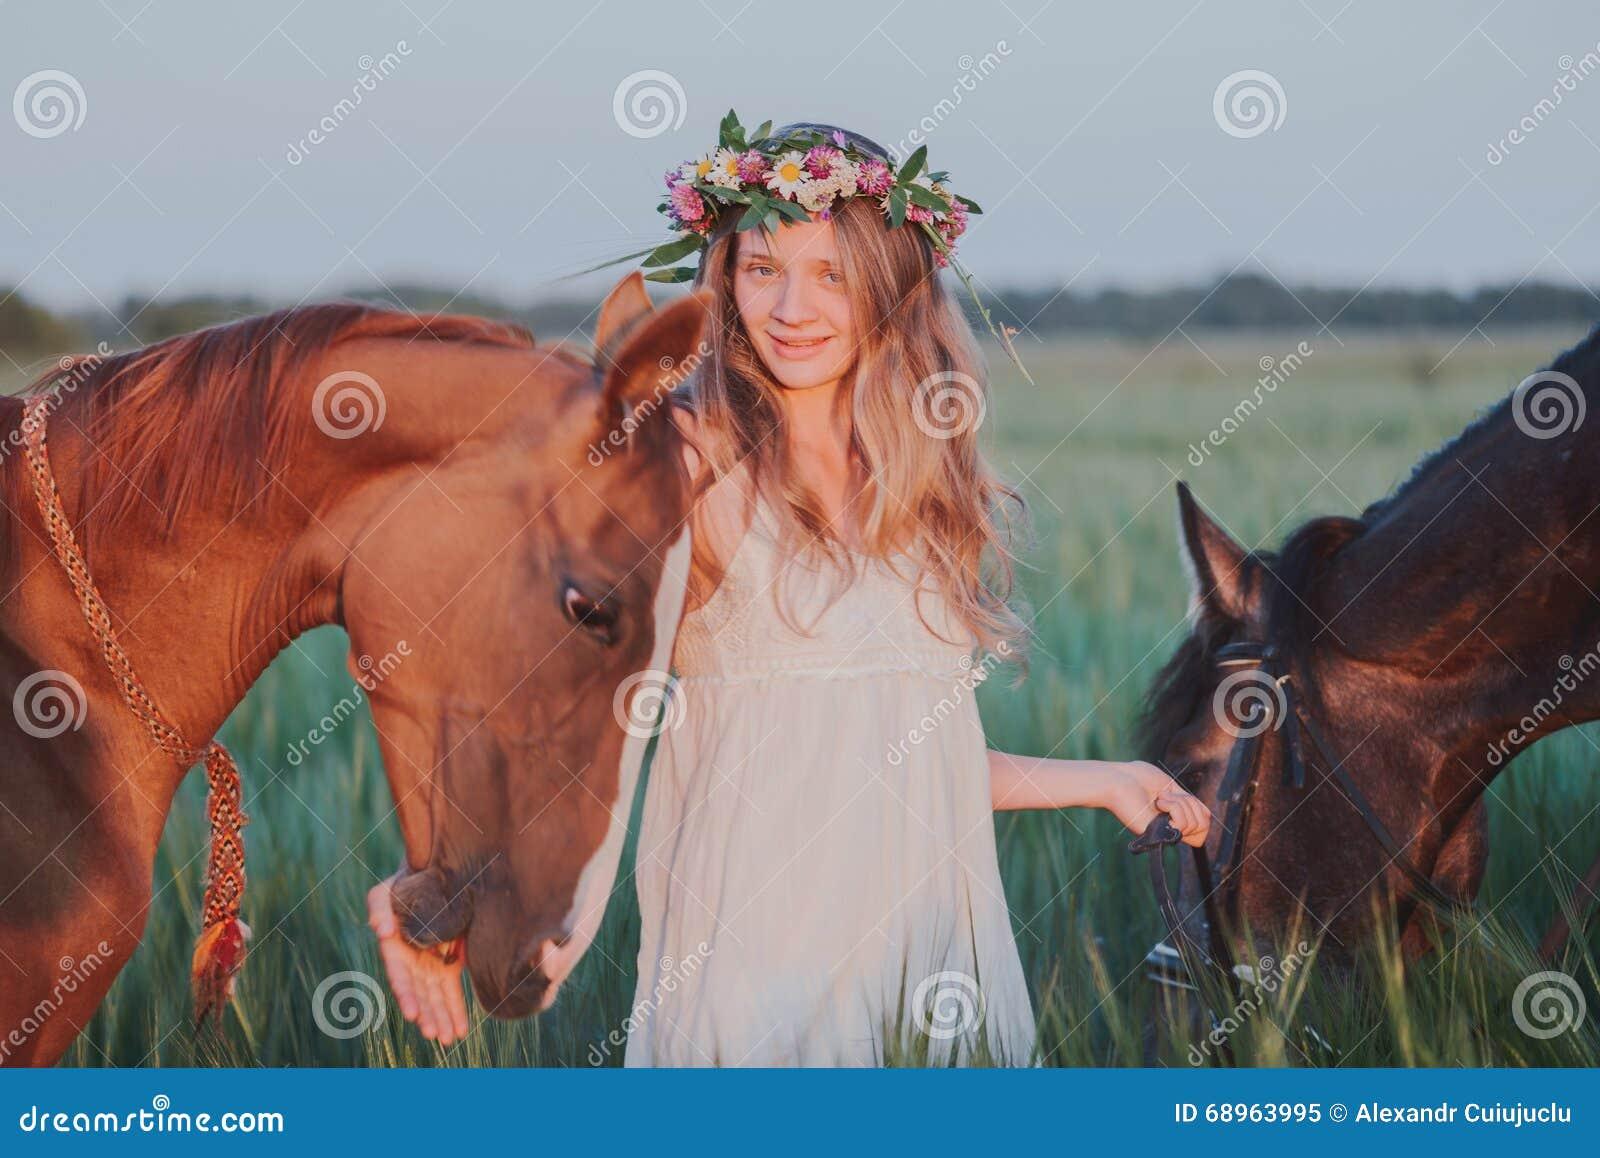 lächelndes mädchen im blumenkranz mit pferd heißer